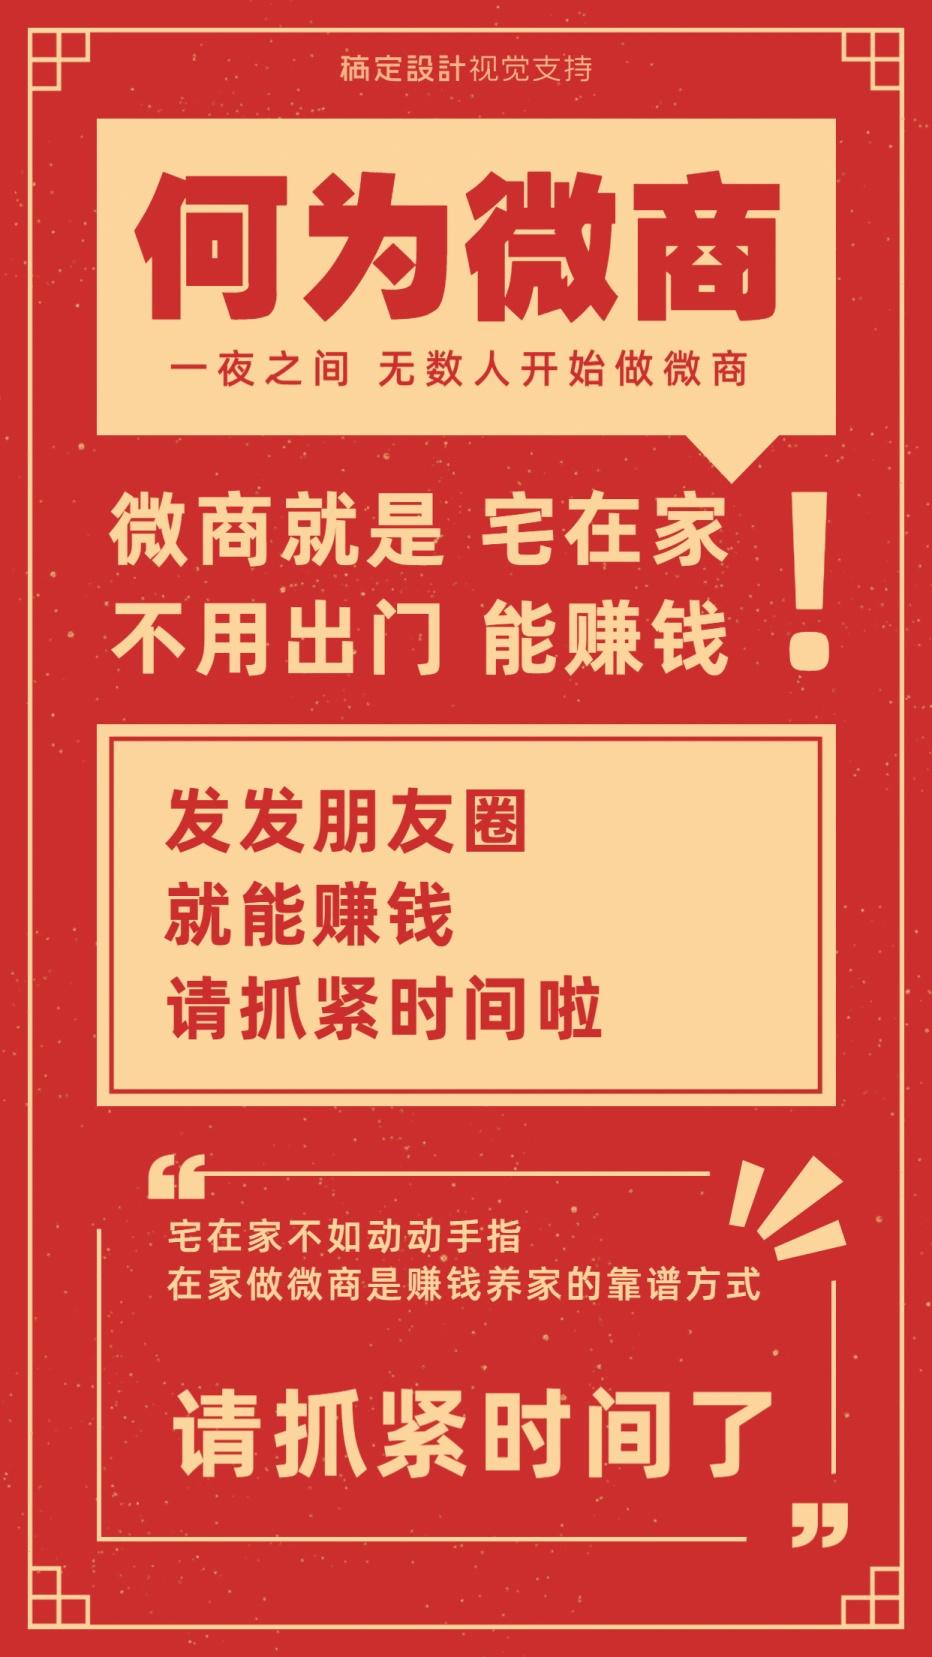 春节放假通知促销海报